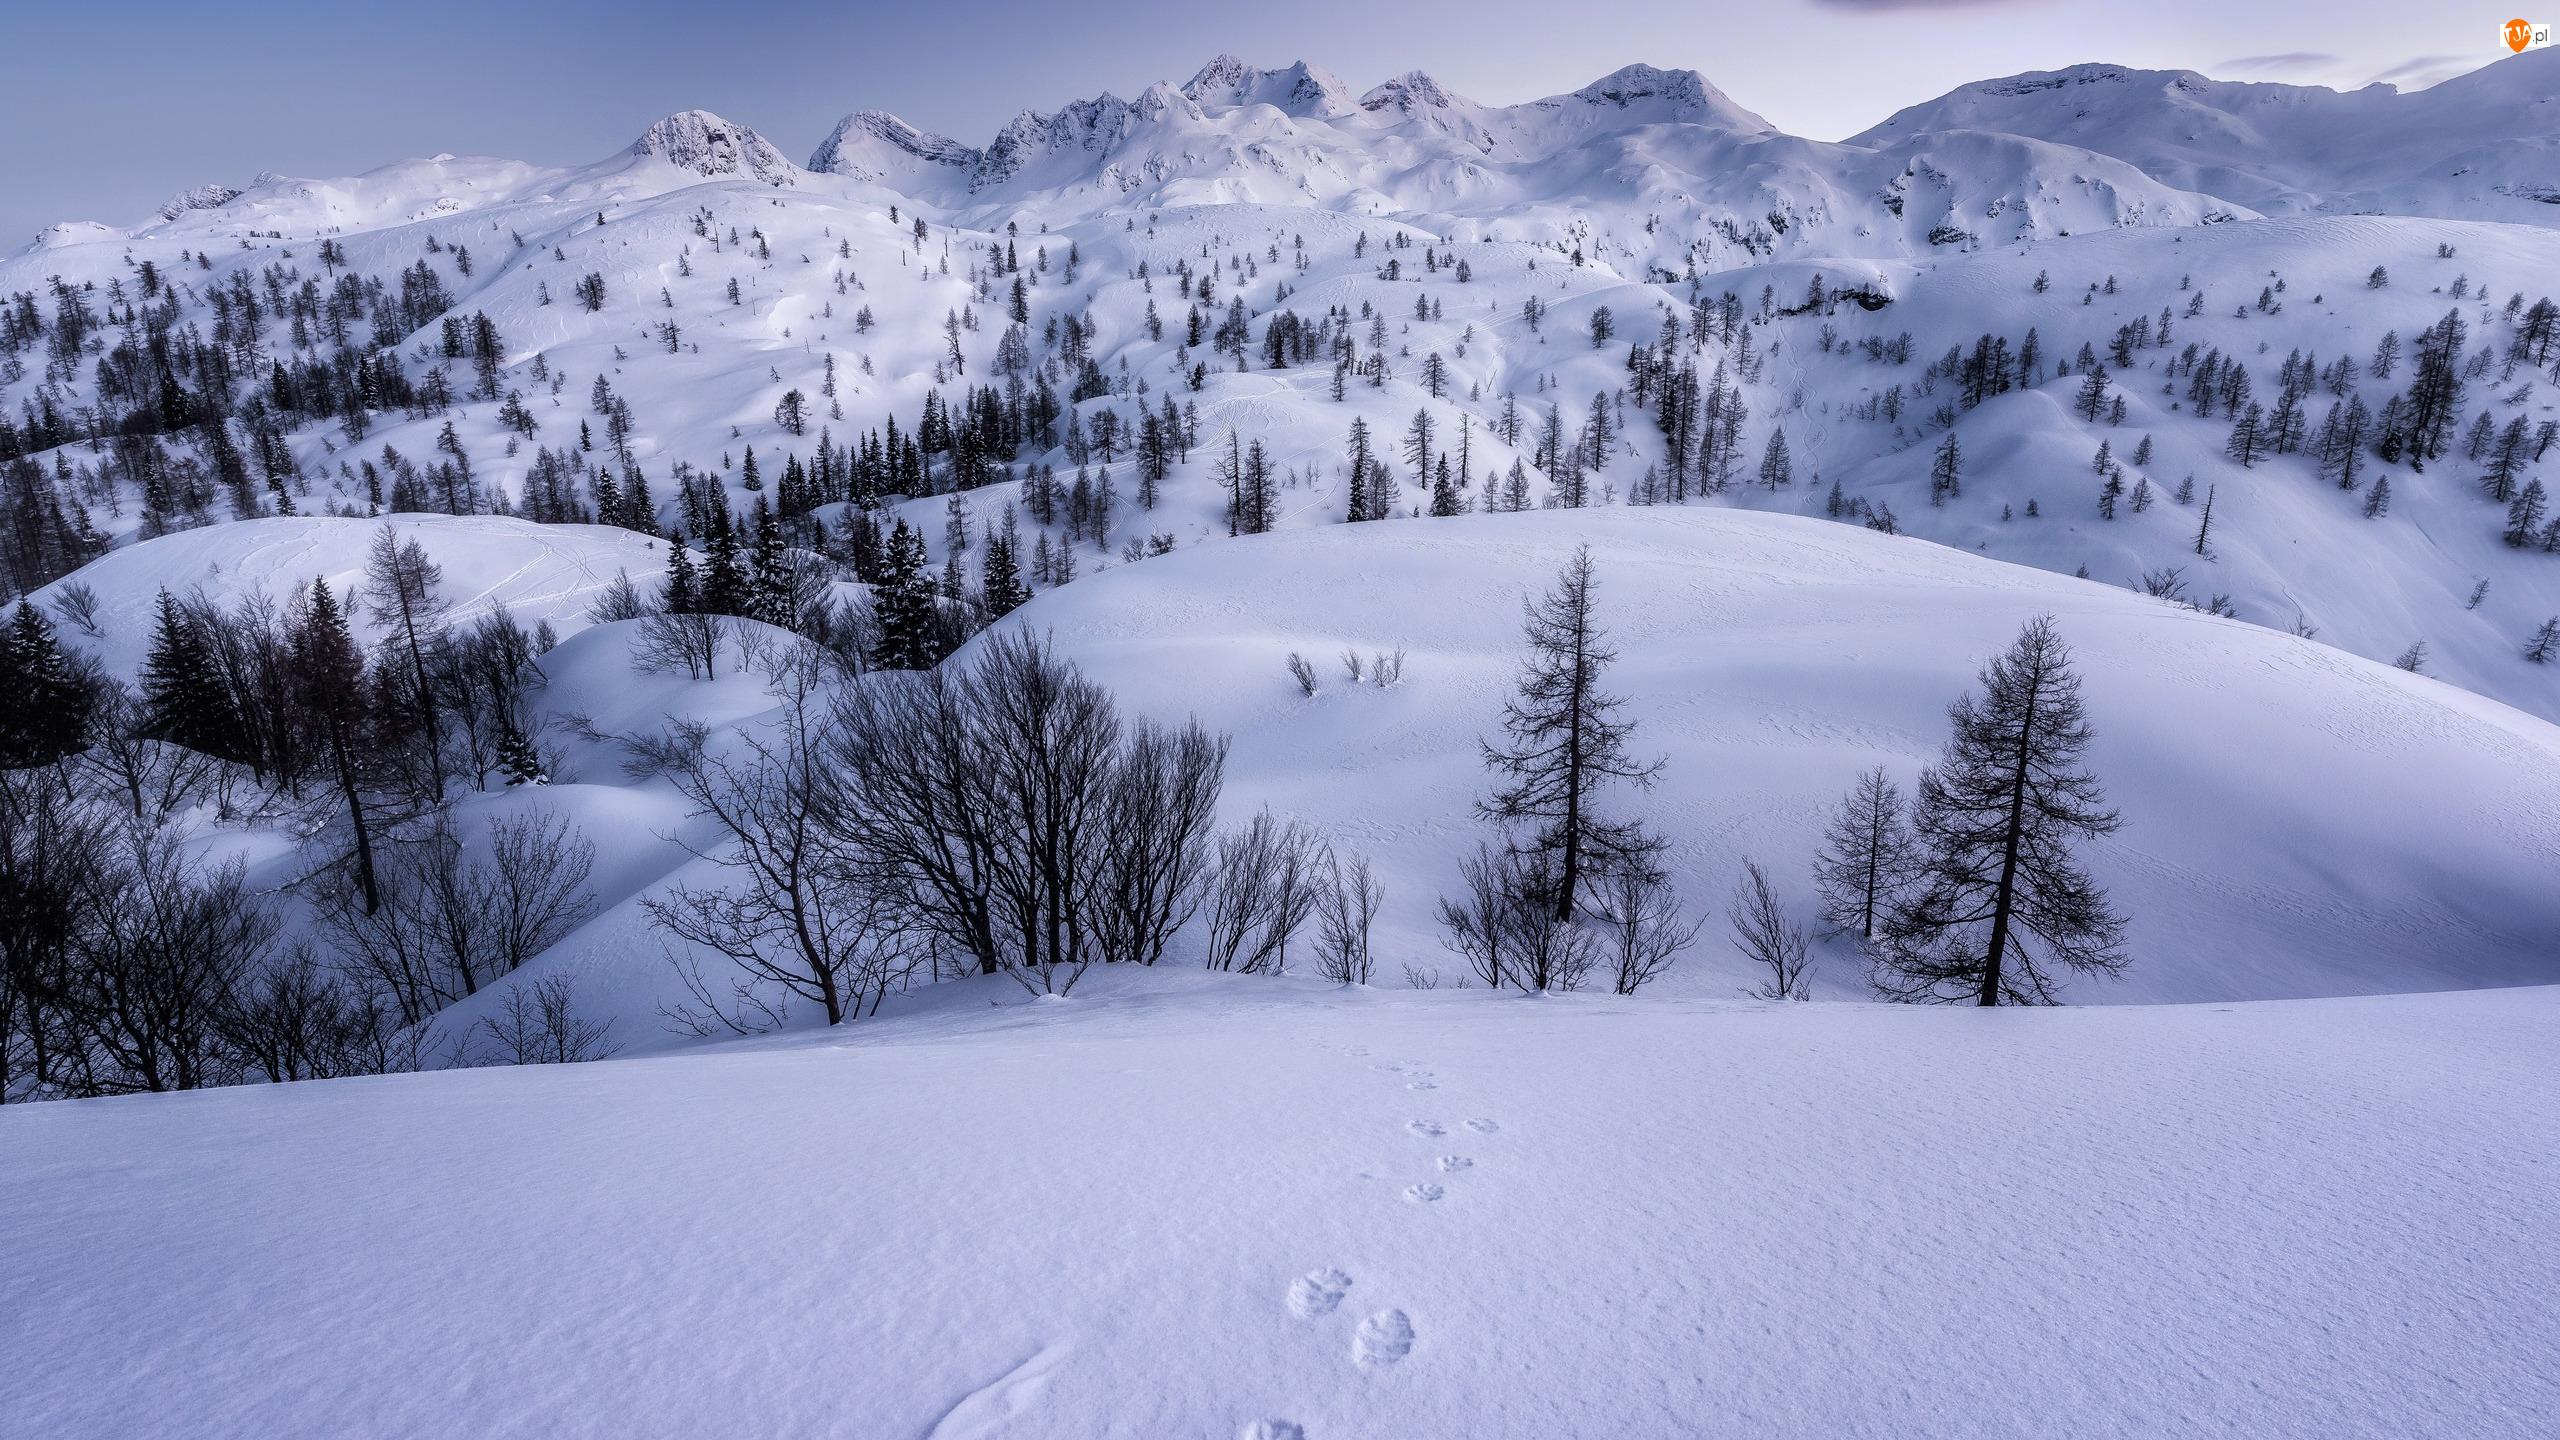 Drzewa, Ślady, Góry, Zima, Śnieg